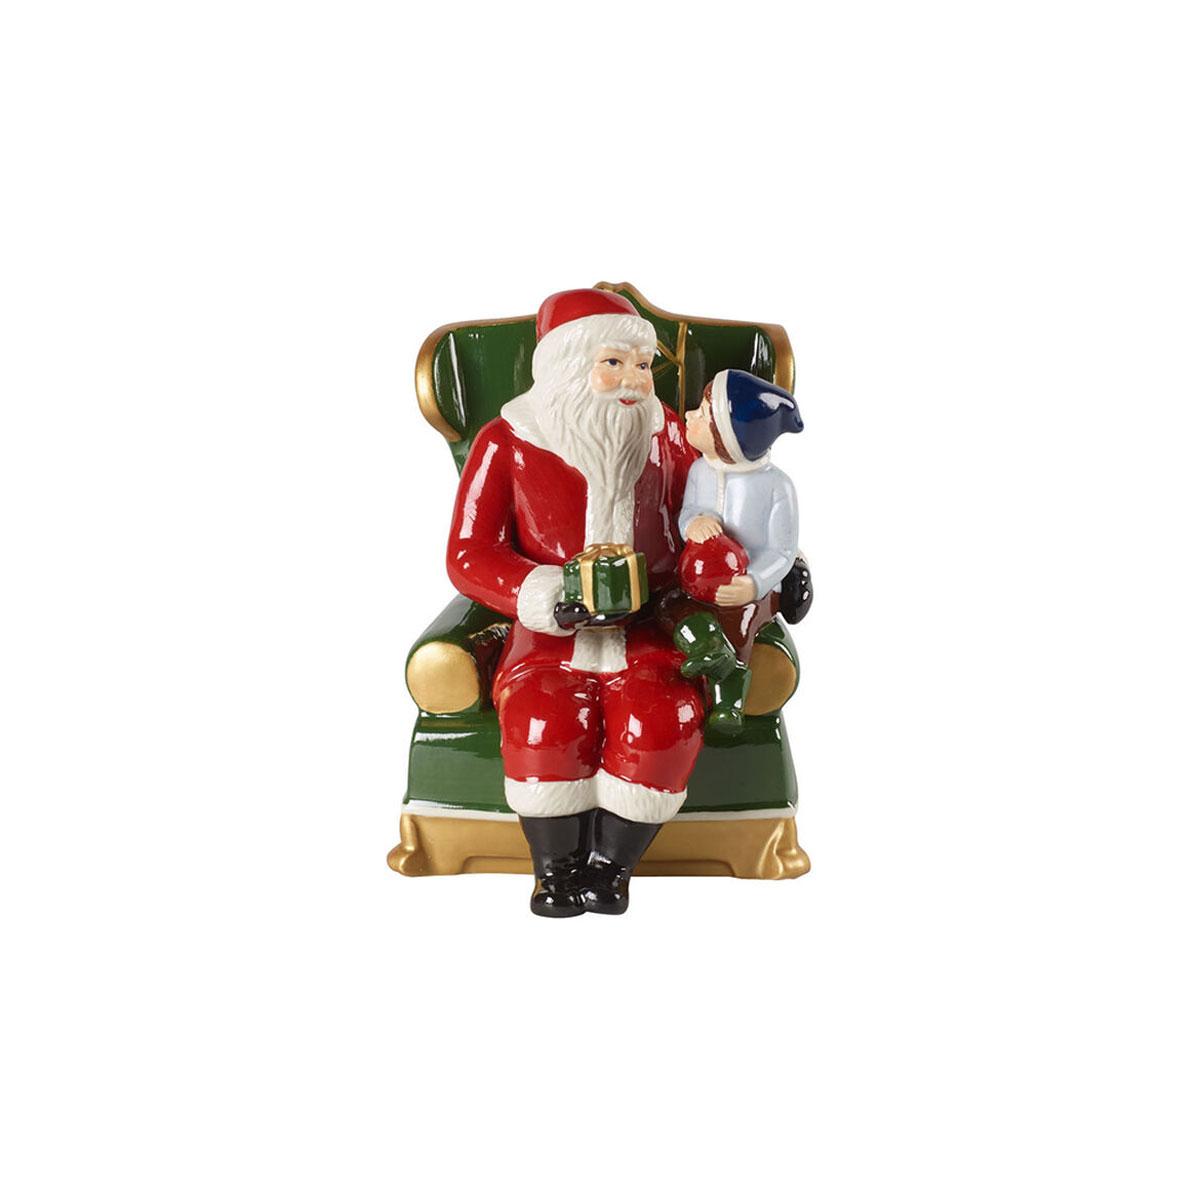 Villeroy and Boch Christmas Toys Santa on Armchair, Musical